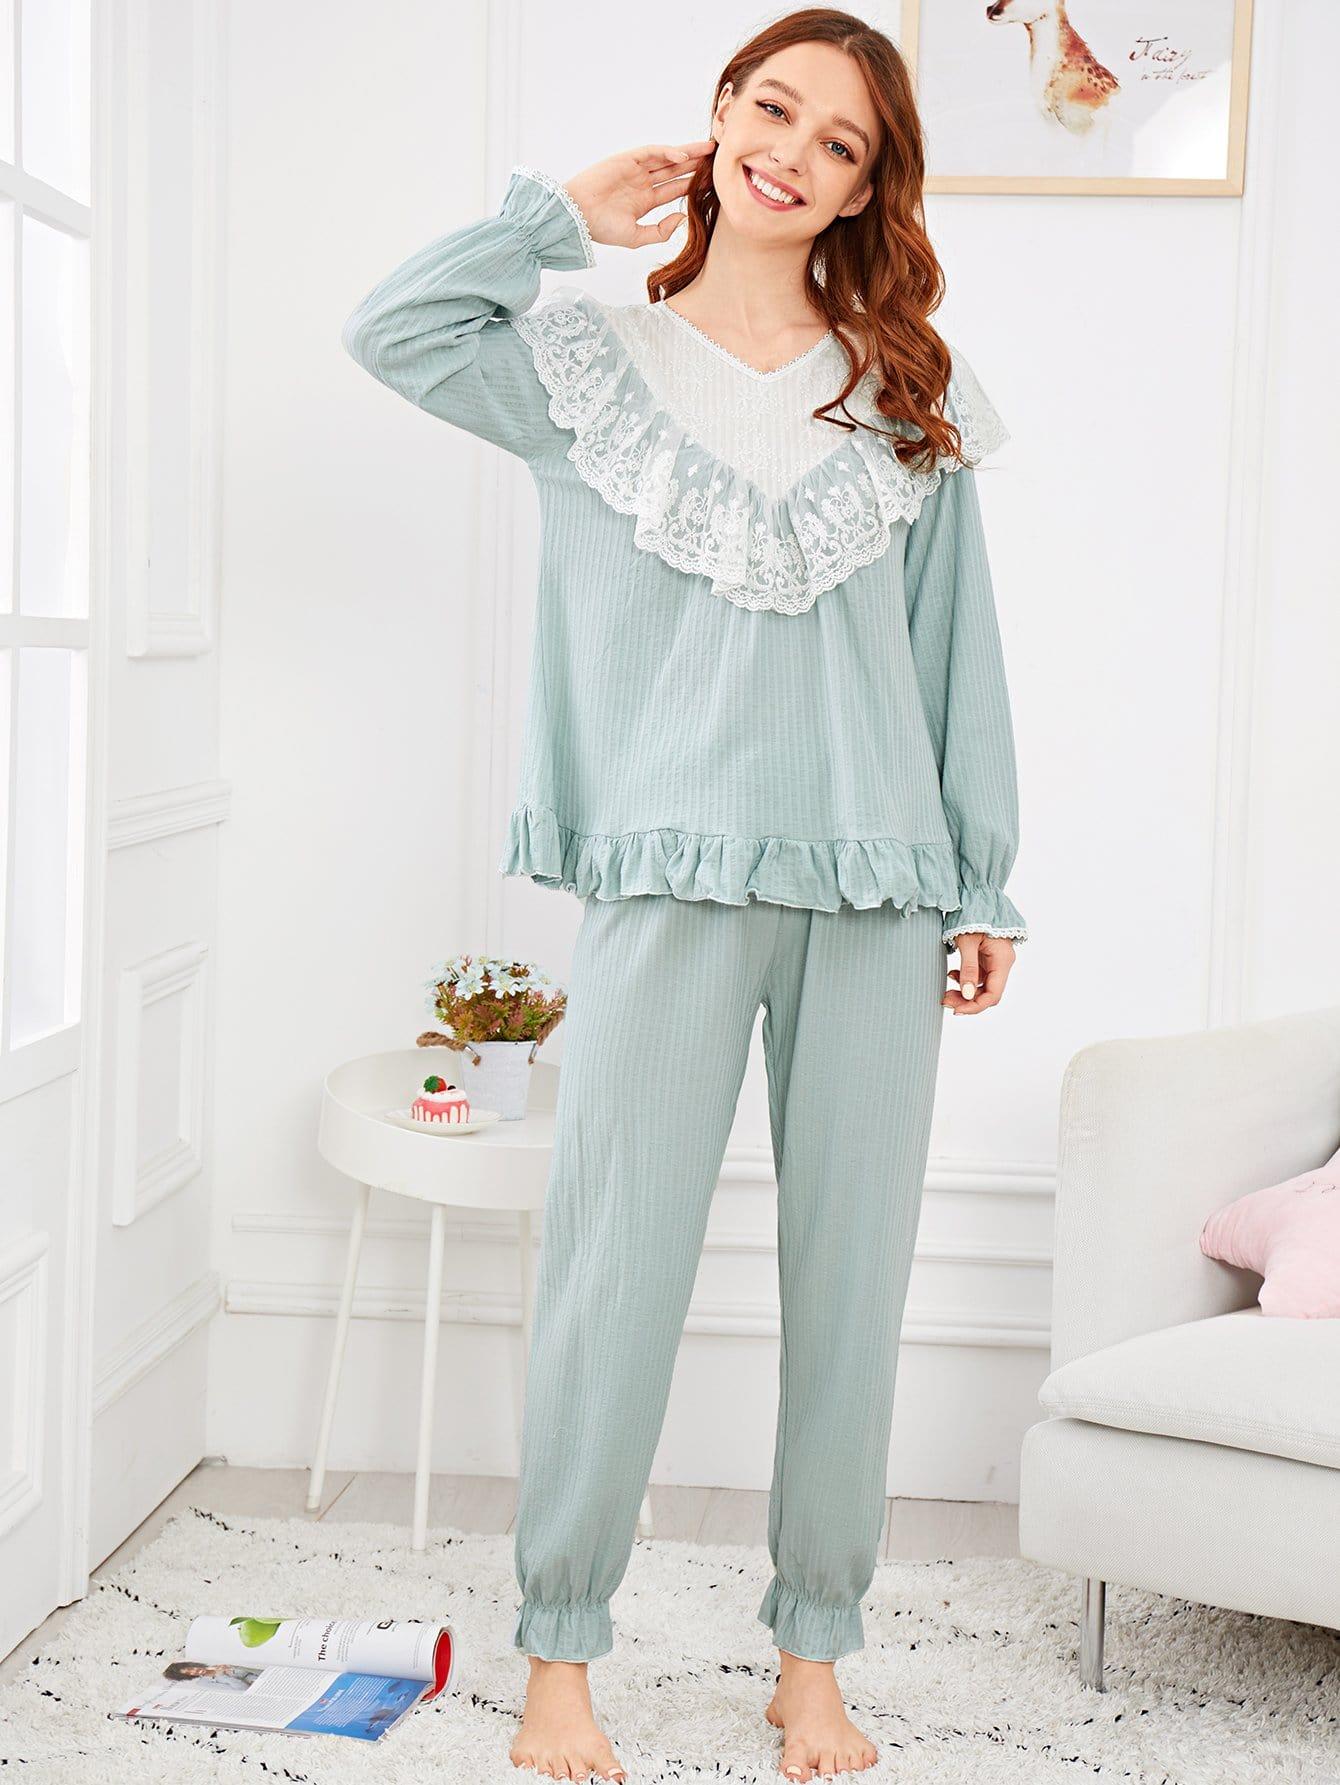 Купить Комплект асимметричной ситцевое пижамы с кружвными оборками, Poly, SheIn